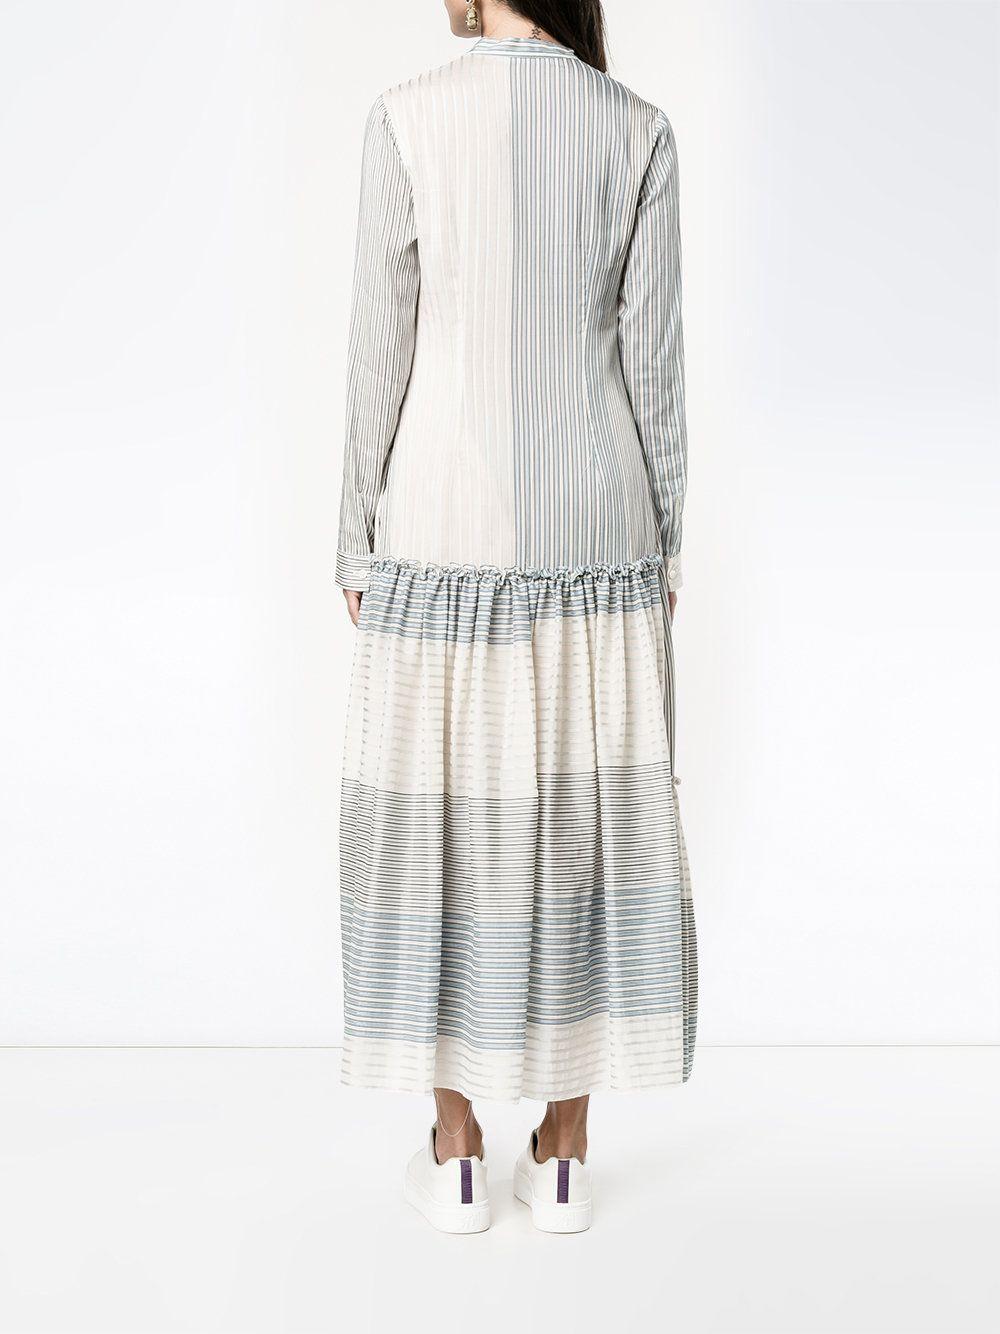 85ee537c136 STELLA MCCARTNEY Полосатое Платье с Длинными Рукавами - Купить в Интернет  Магазине в Москве